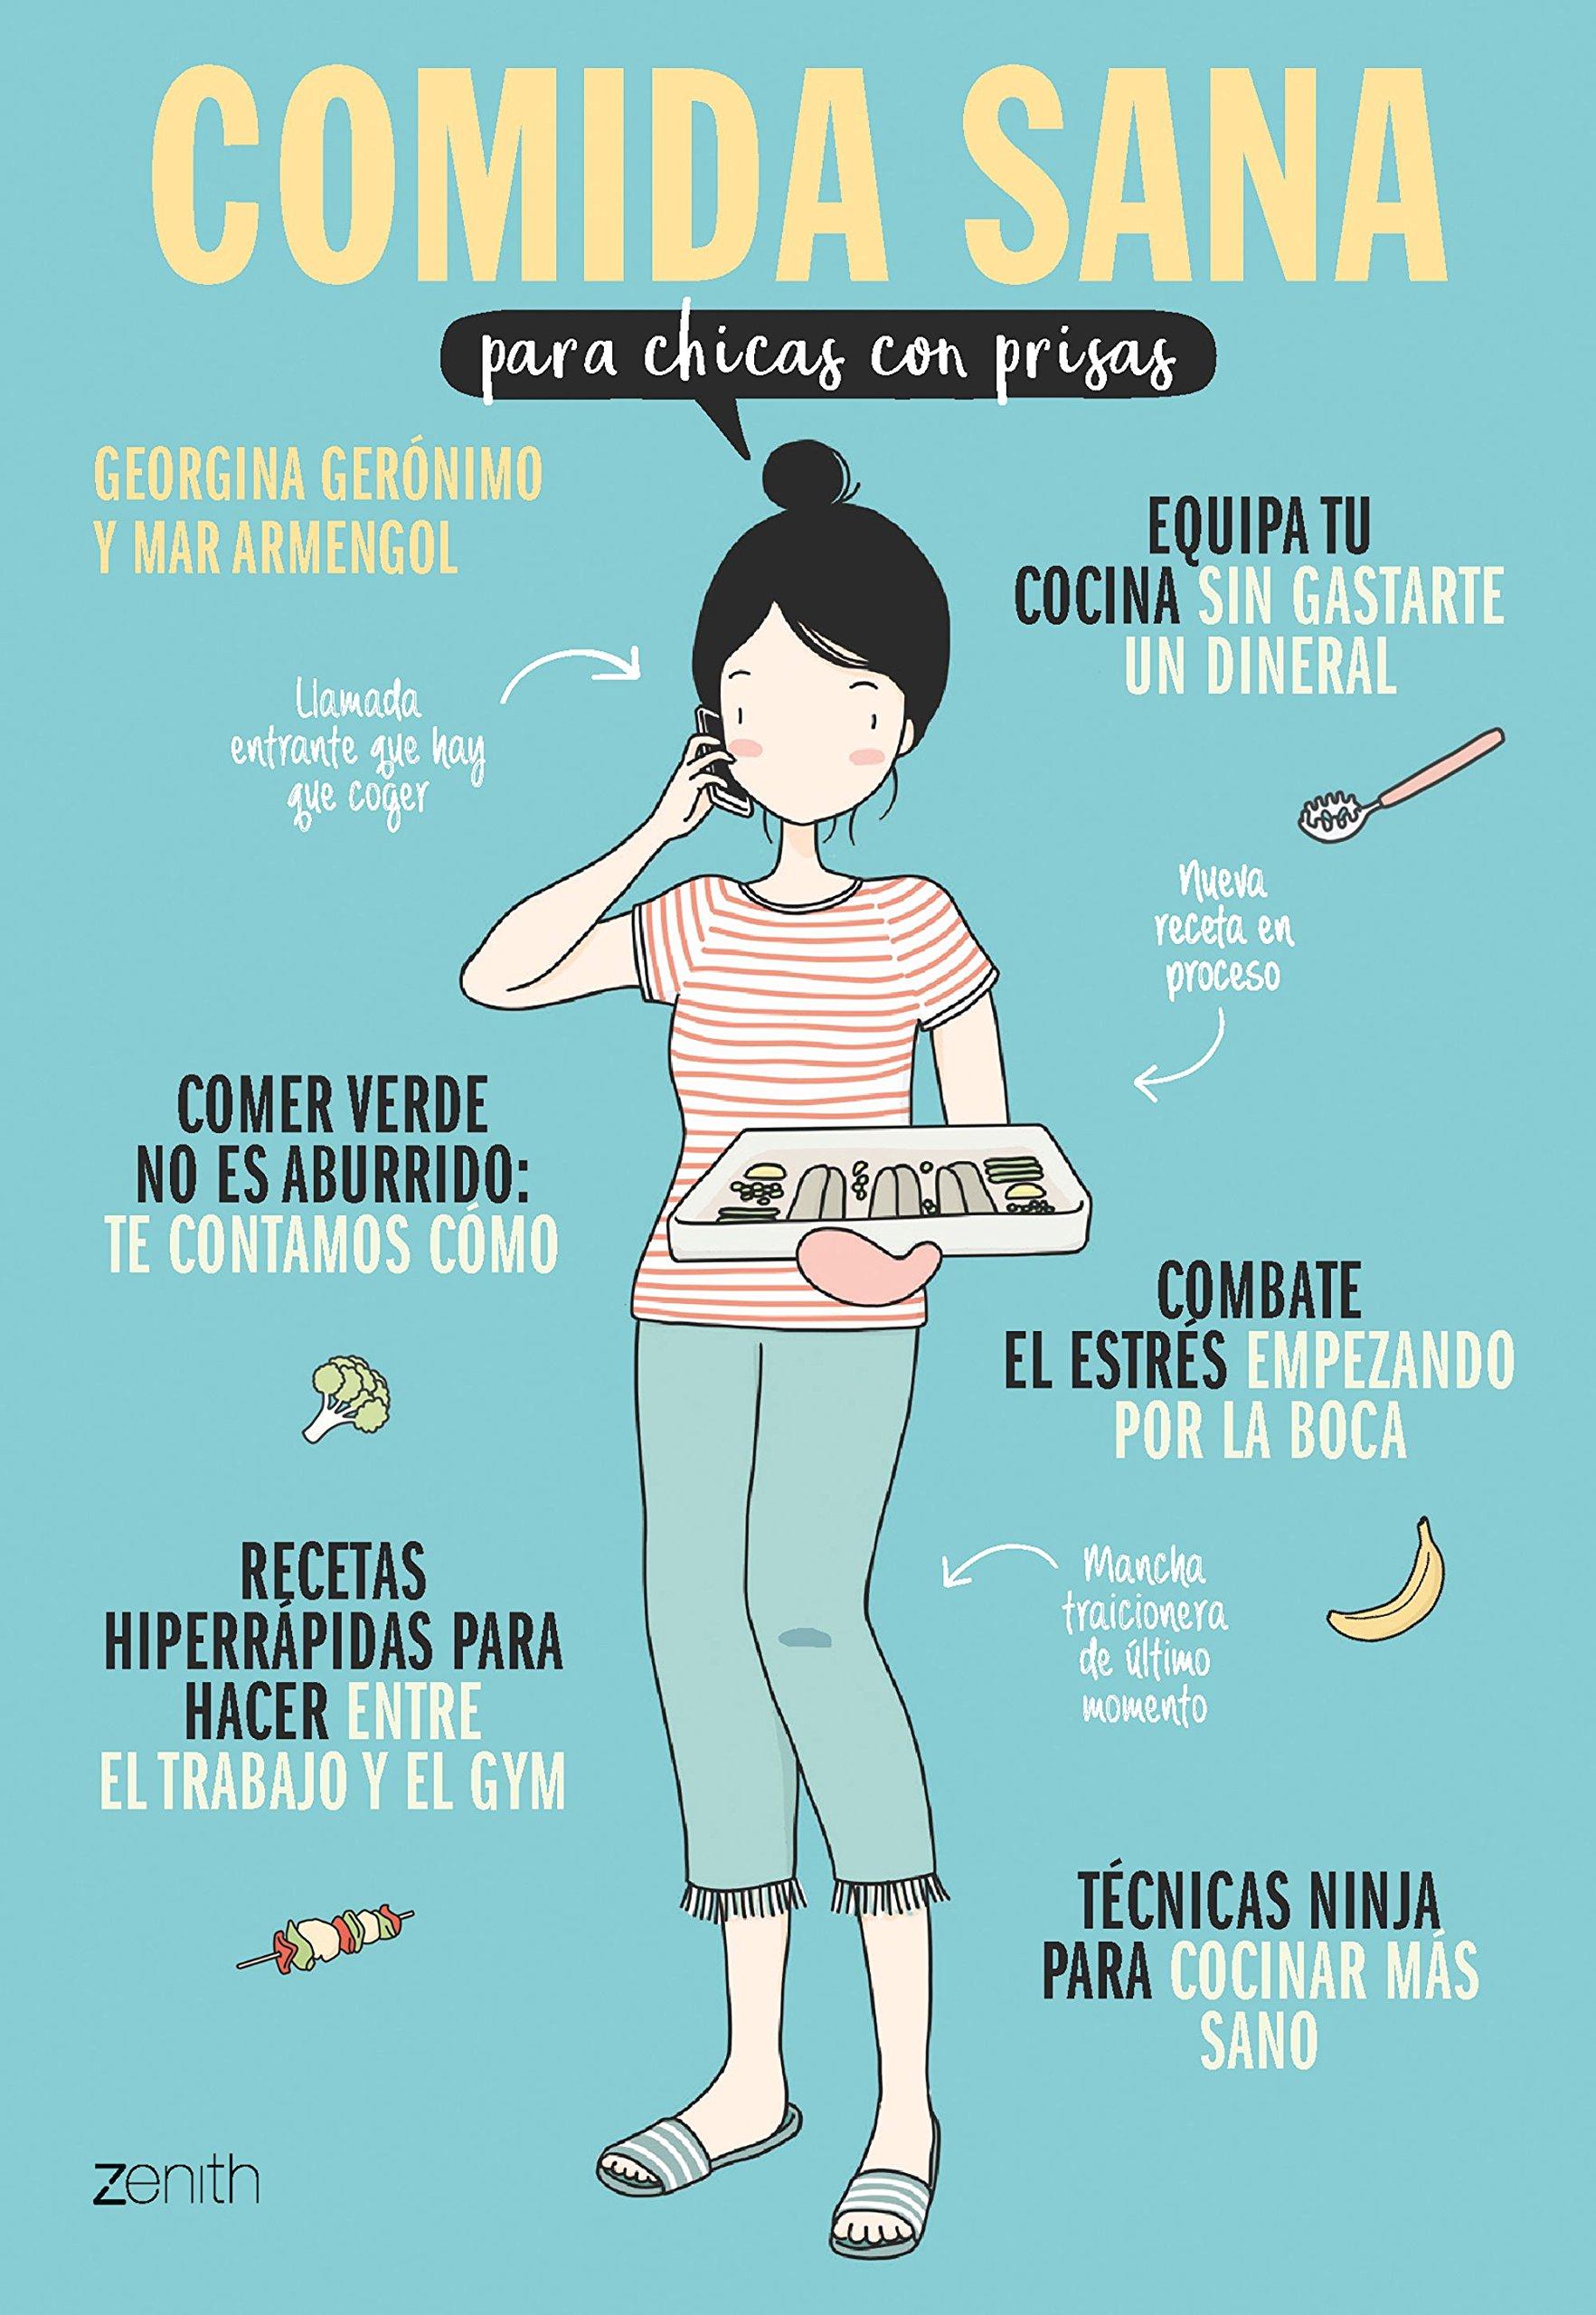 Comida sana para chicas con prisas: Amazon.es: Georgina Gerónimo, Mar Armengol: Libros